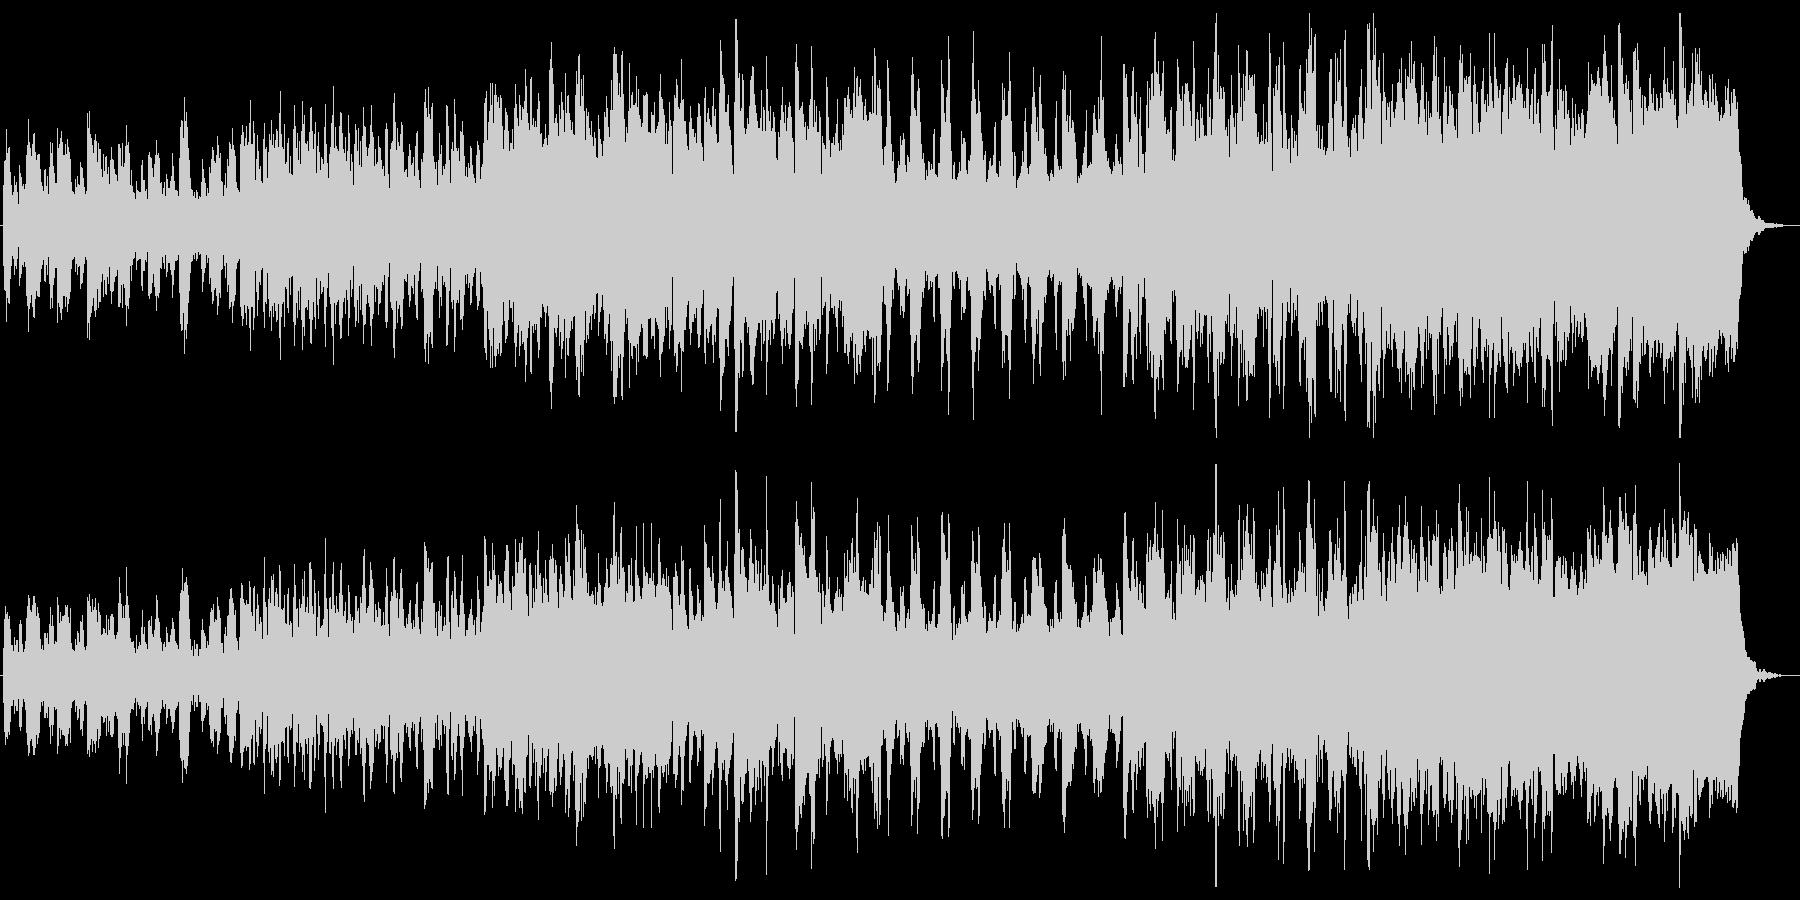 ケルト ピアノ フィドル 笛 疾走感の未再生の波形